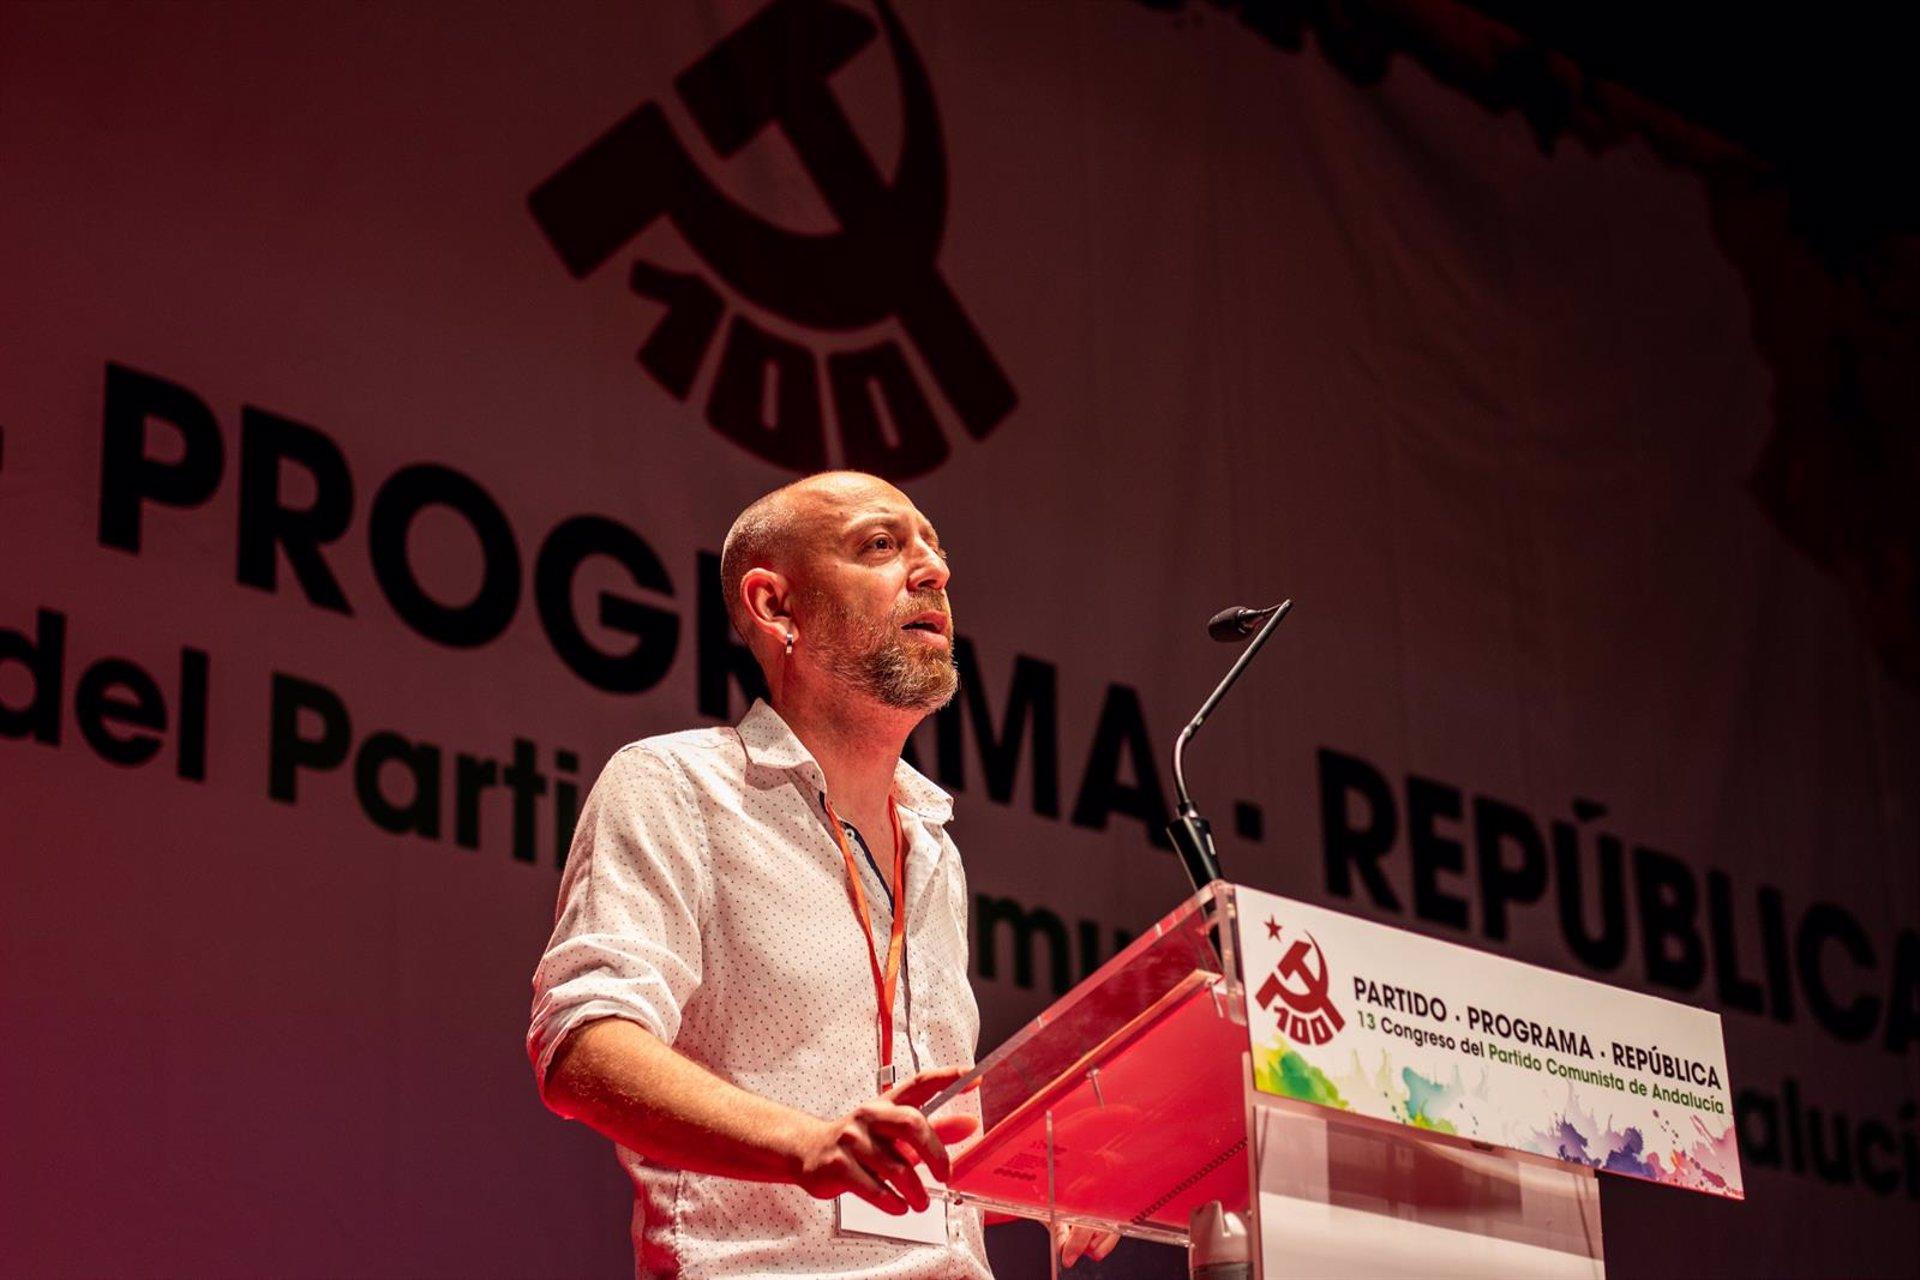 Aprobada con el 62,5% la gestión de la dirección saliente del PCA en el congreso de Albolote